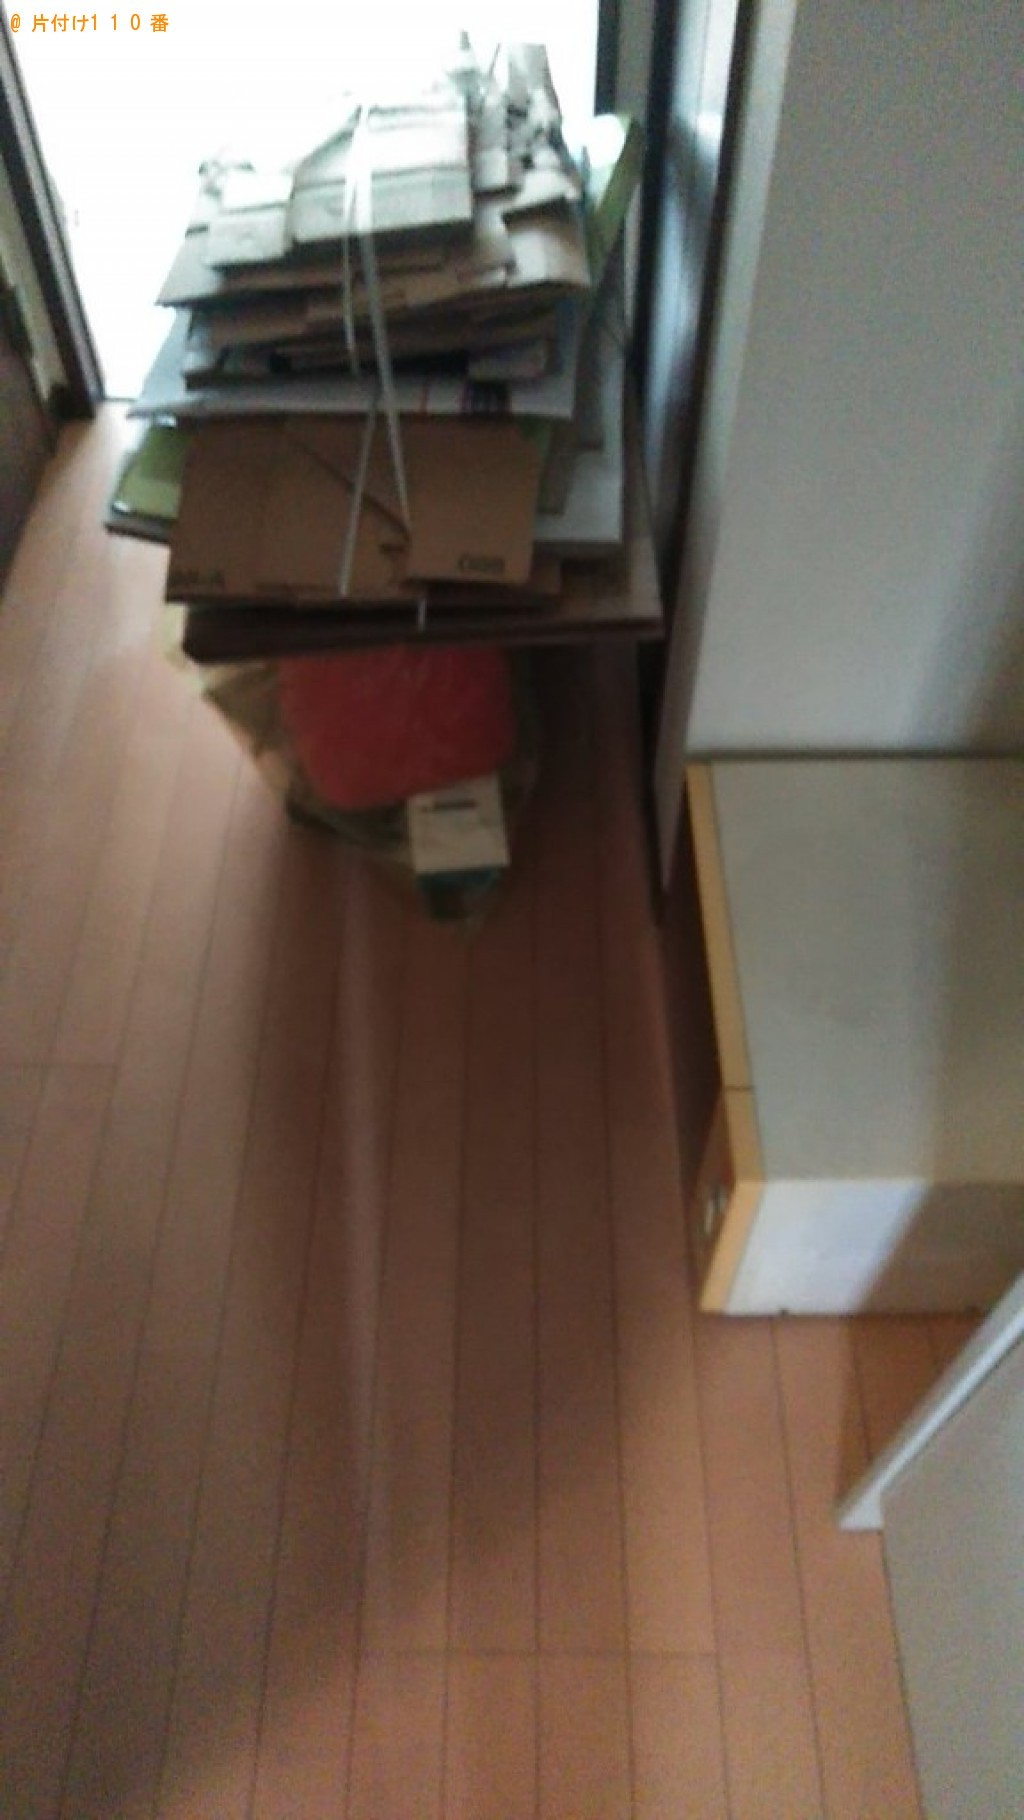 【松山市若草町】電子レンジ、一般ごみ、ダンボール等の回収・処分